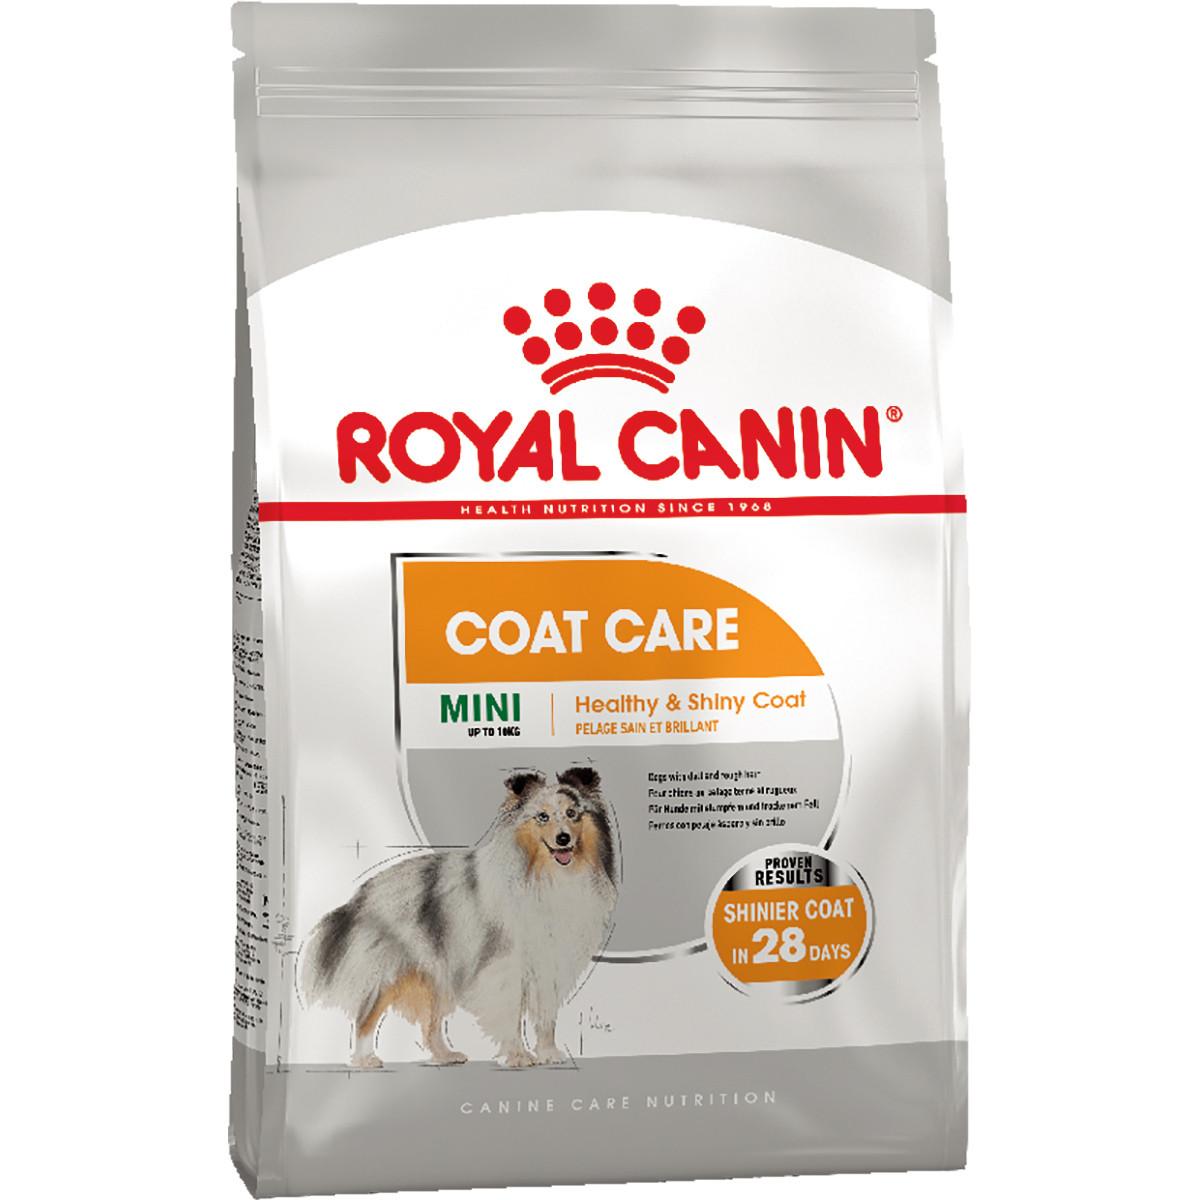 Royal Canin MINI COAT CARE 1кг - сухий корм для собак малих порід з тьмяною і сухий вовною